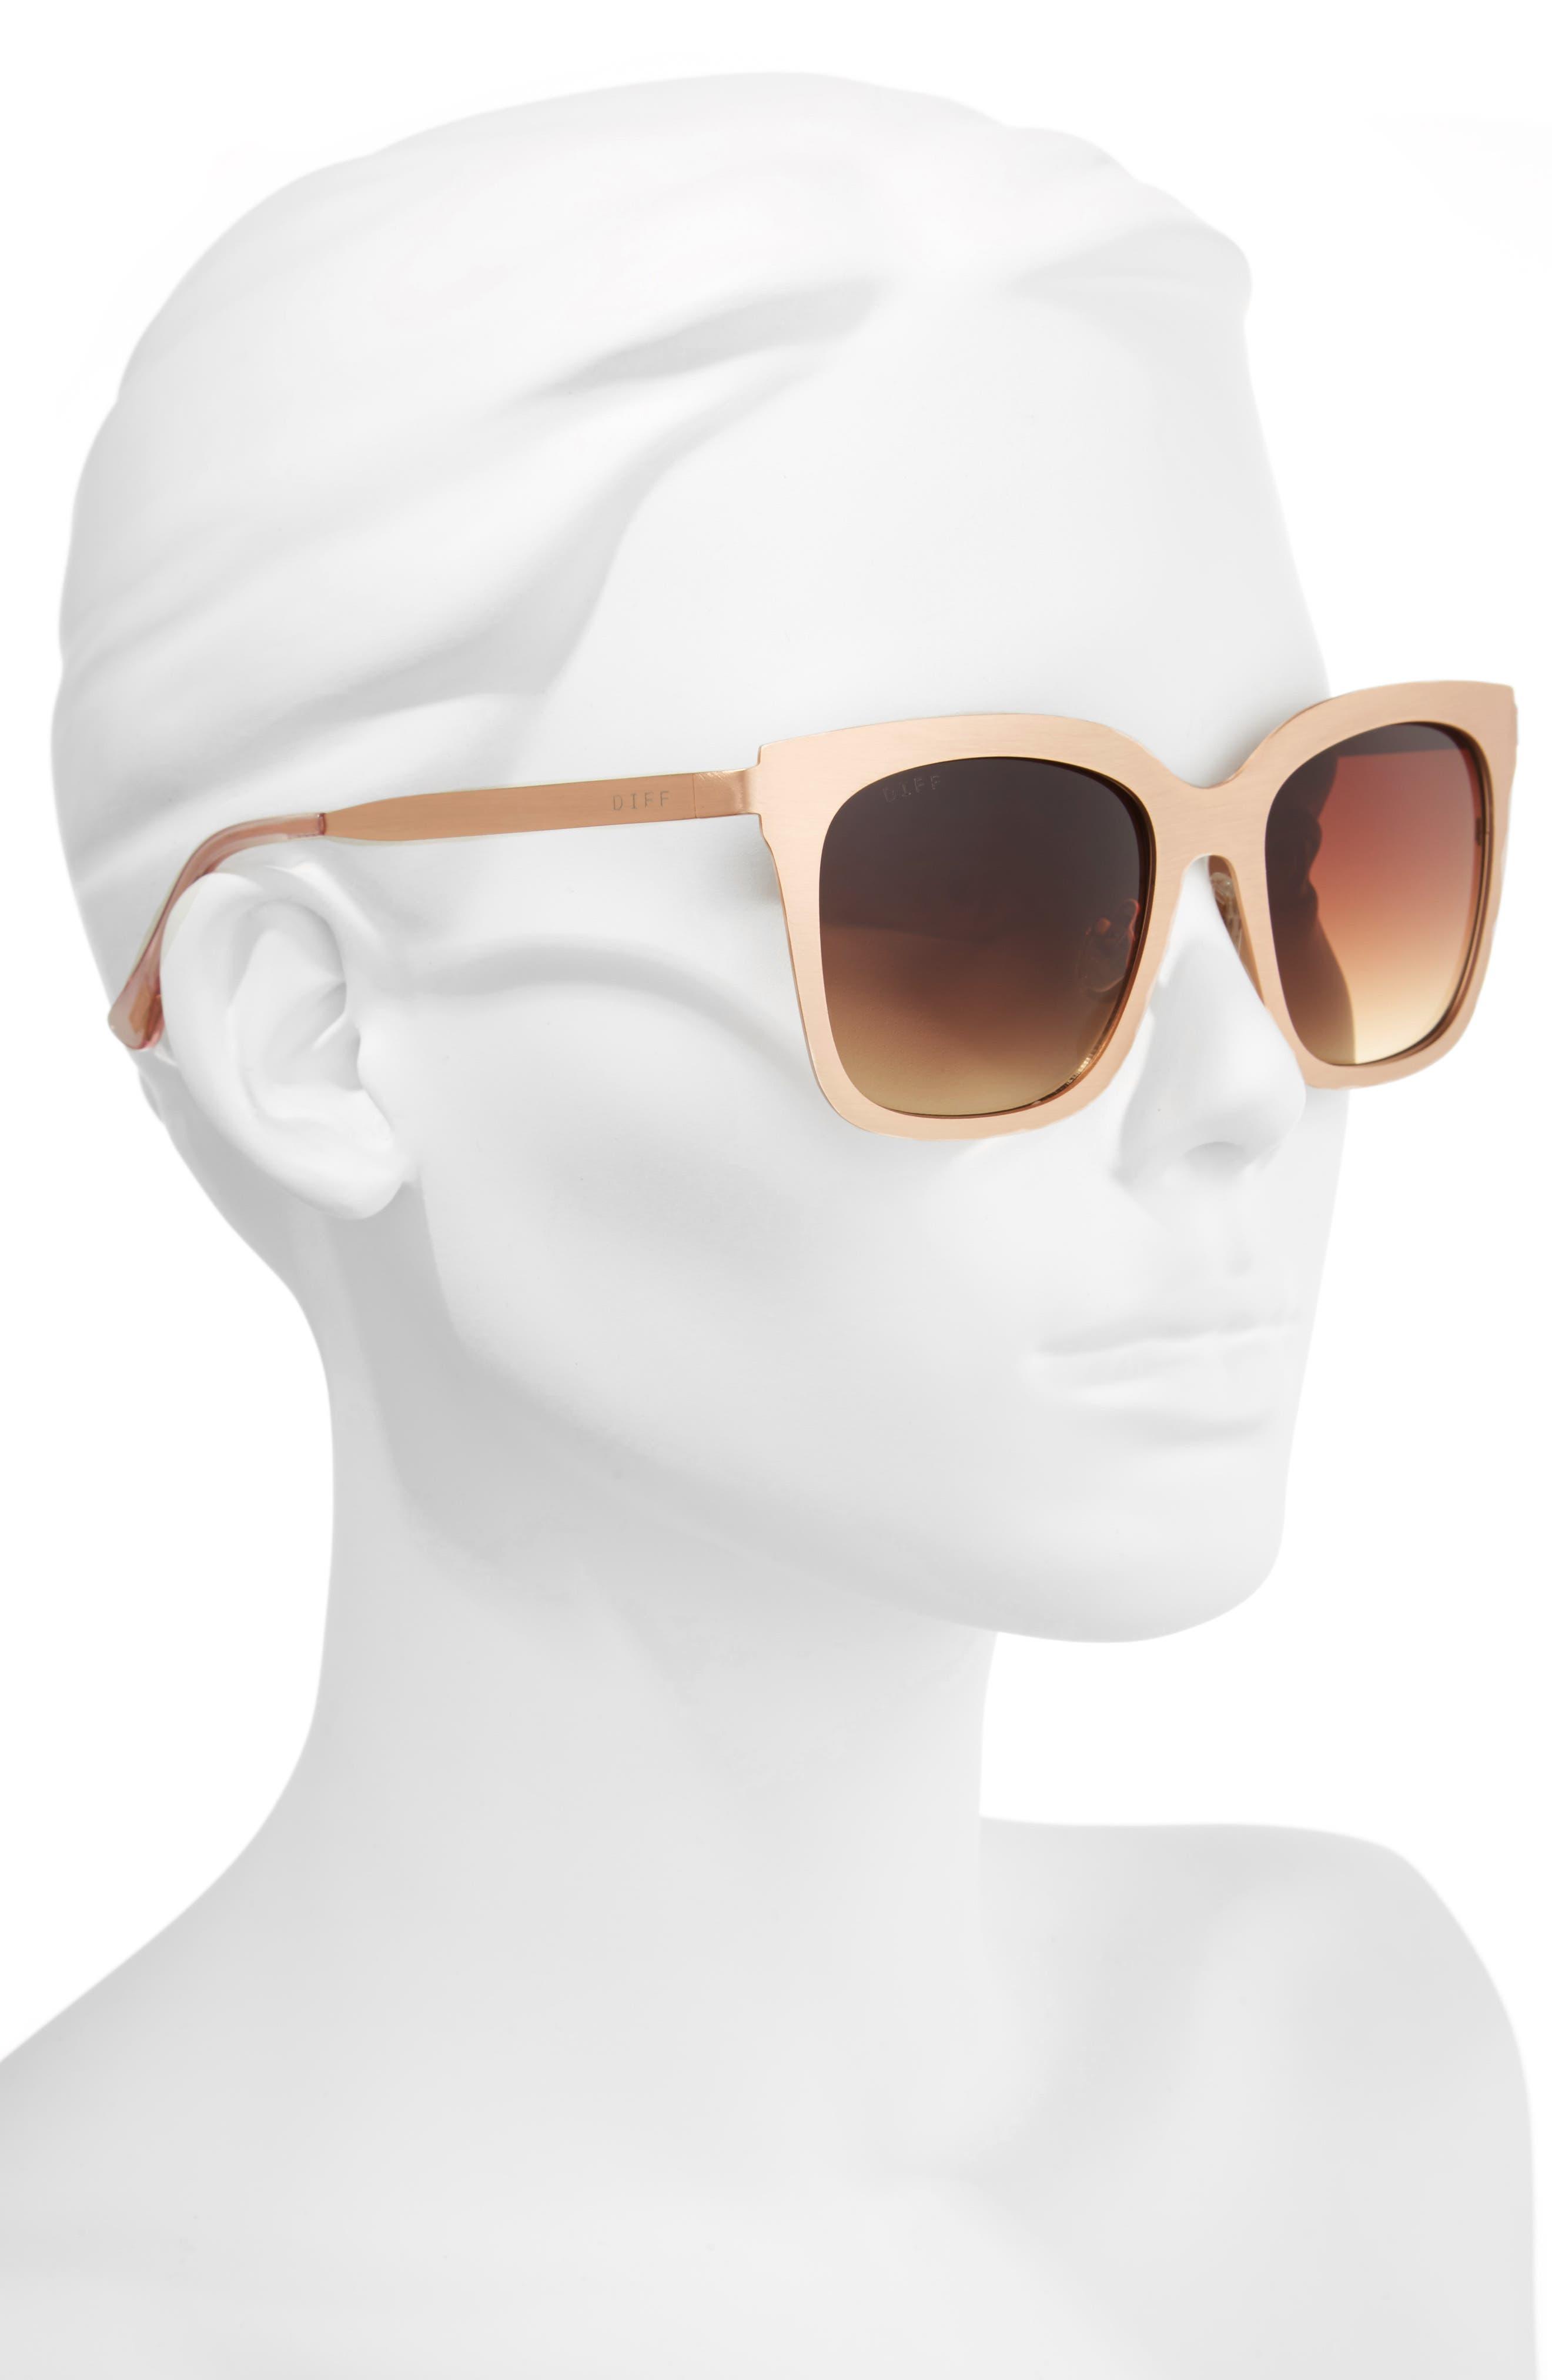 x Lauren Akins Ella 55mm Cat Eye Sunglasses,                             Alternate thumbnail 2, color,                             Gold/ Brown